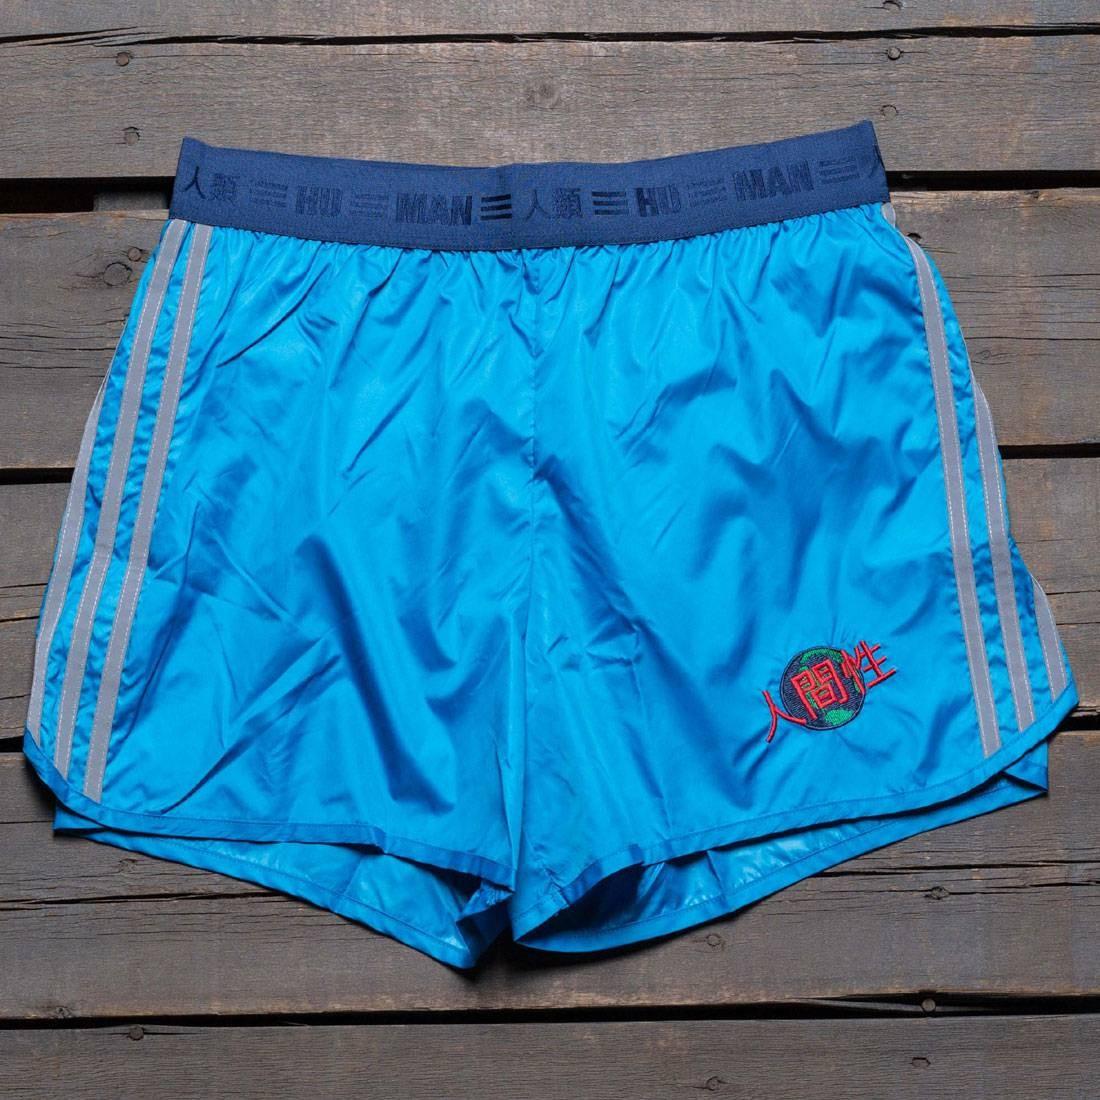 【海外限定】アディダス ショーツ ハーフパンツ メンズファッション ズボン 【 ADIDAS X PHARRELL WILLIAMS MEN HU RACE SHORTS BLUE SHARP 】